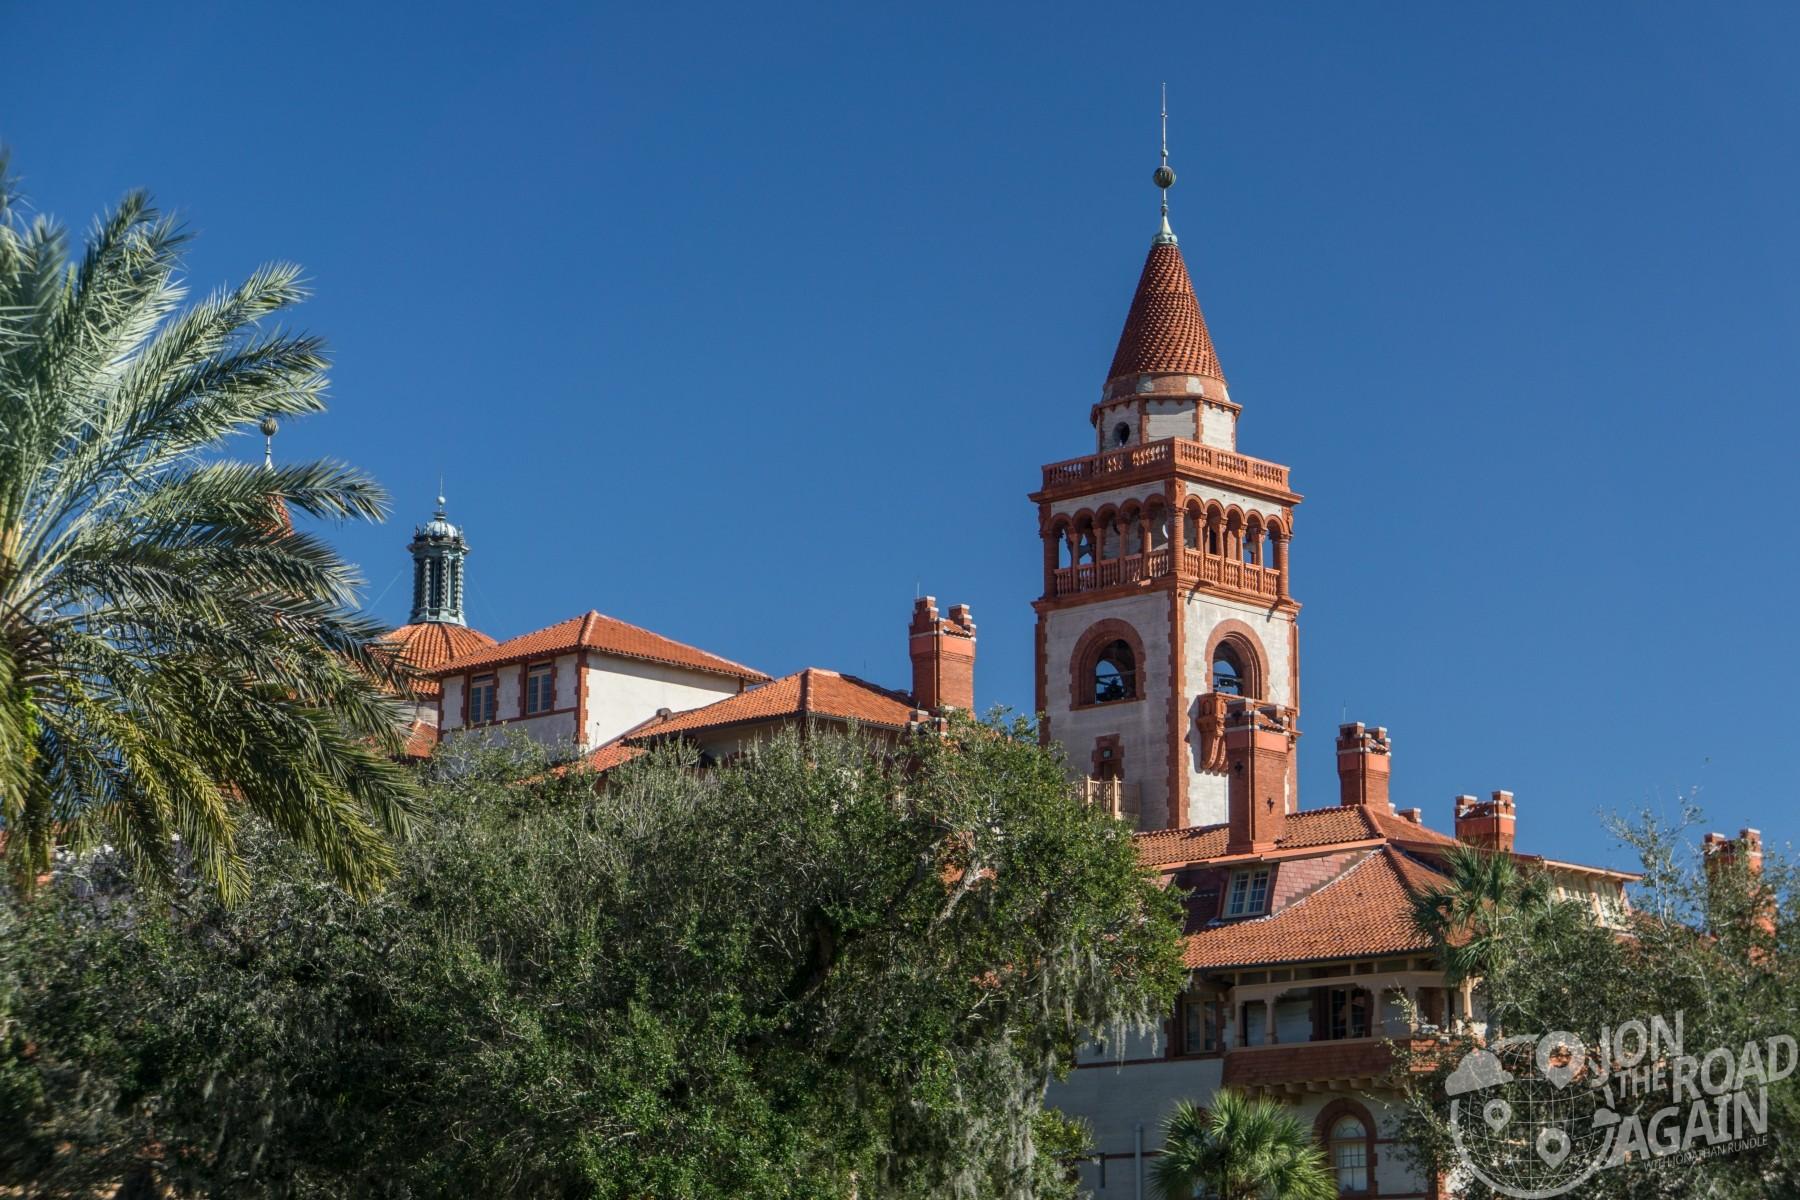 Ponce de Leon hotel / Flagler College